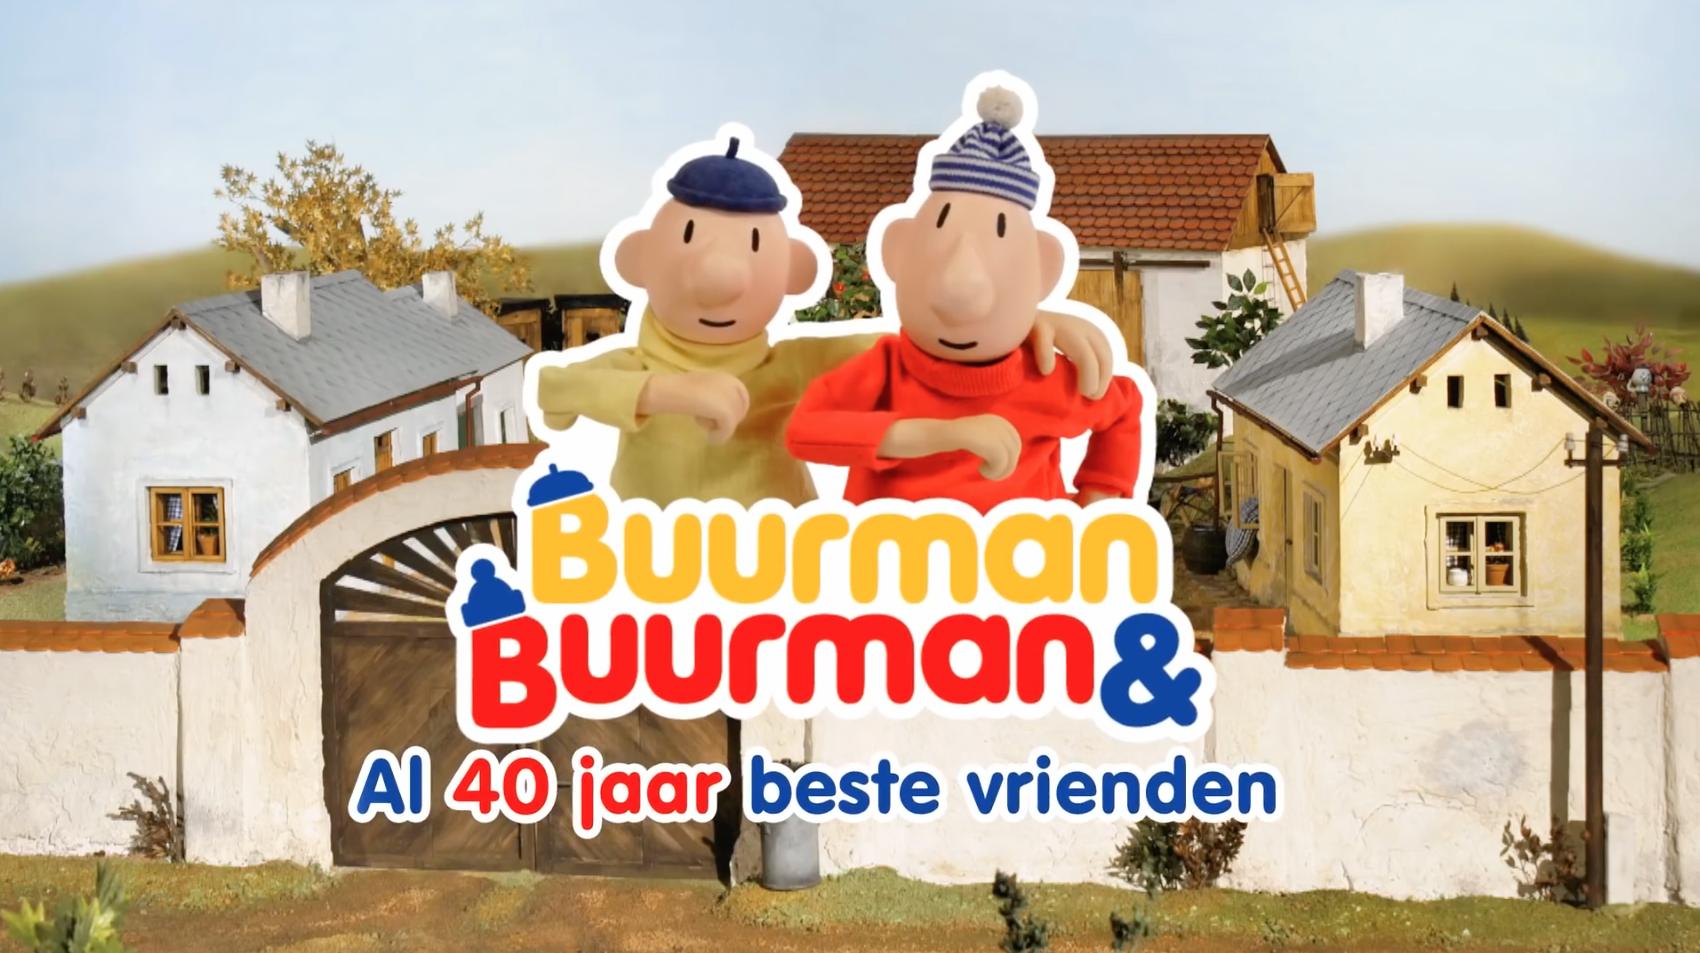 Buurman en Buurman - 40 jaar beste vrienden